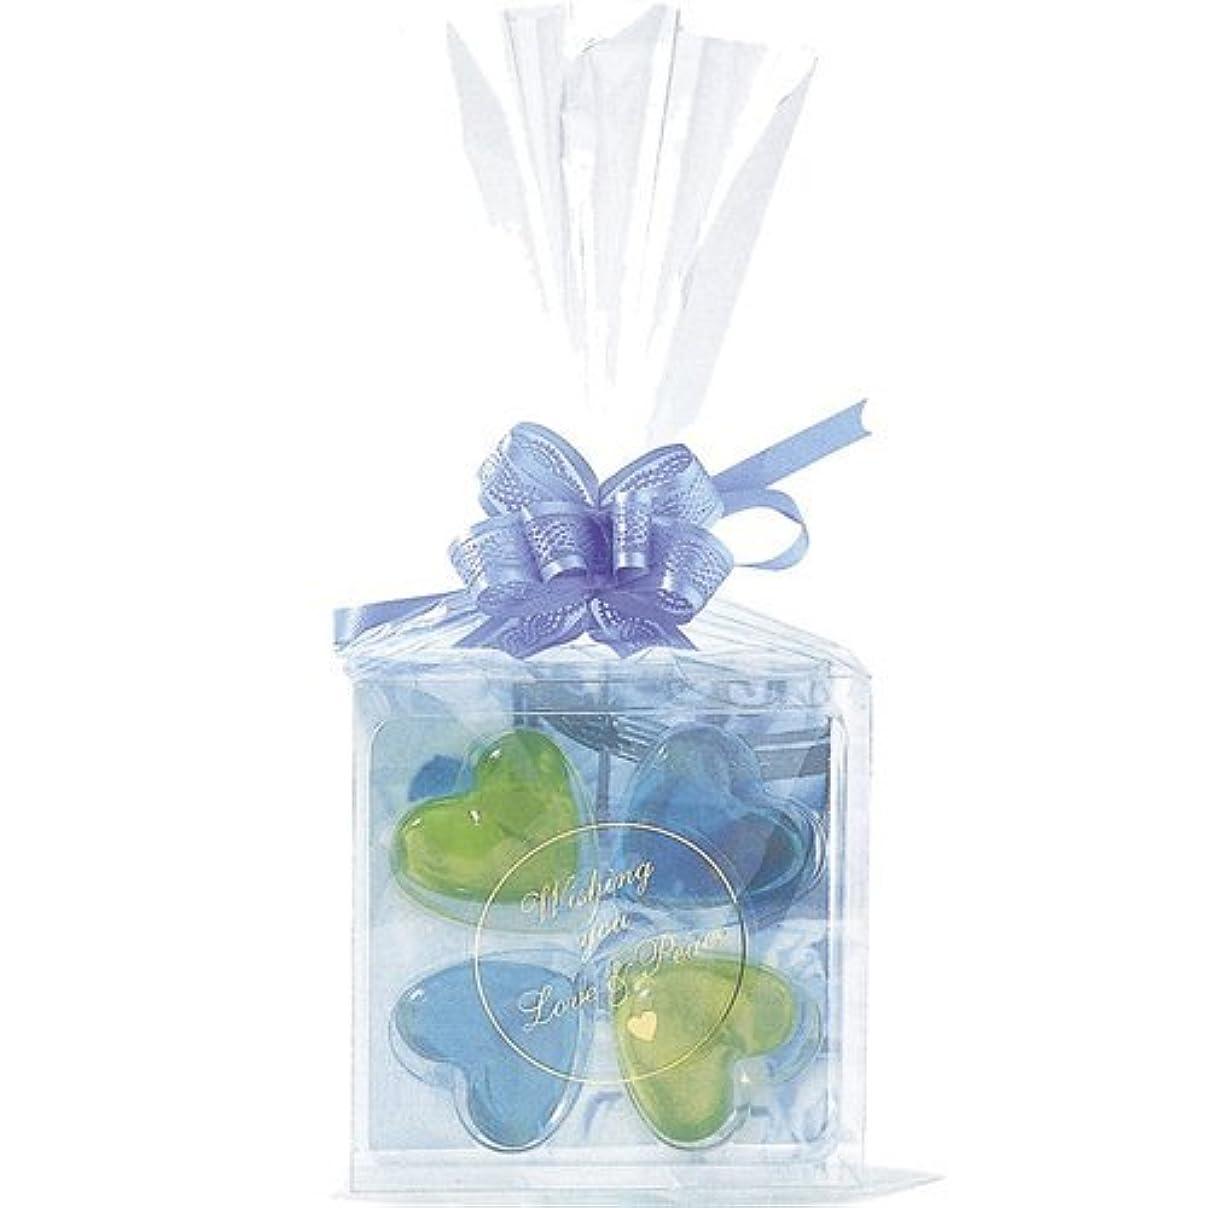 強化否認するメンタルジーピークリエイツ フォーチューンクローバー ブルー 入浴料セット(グリーンアップル、ベリー)